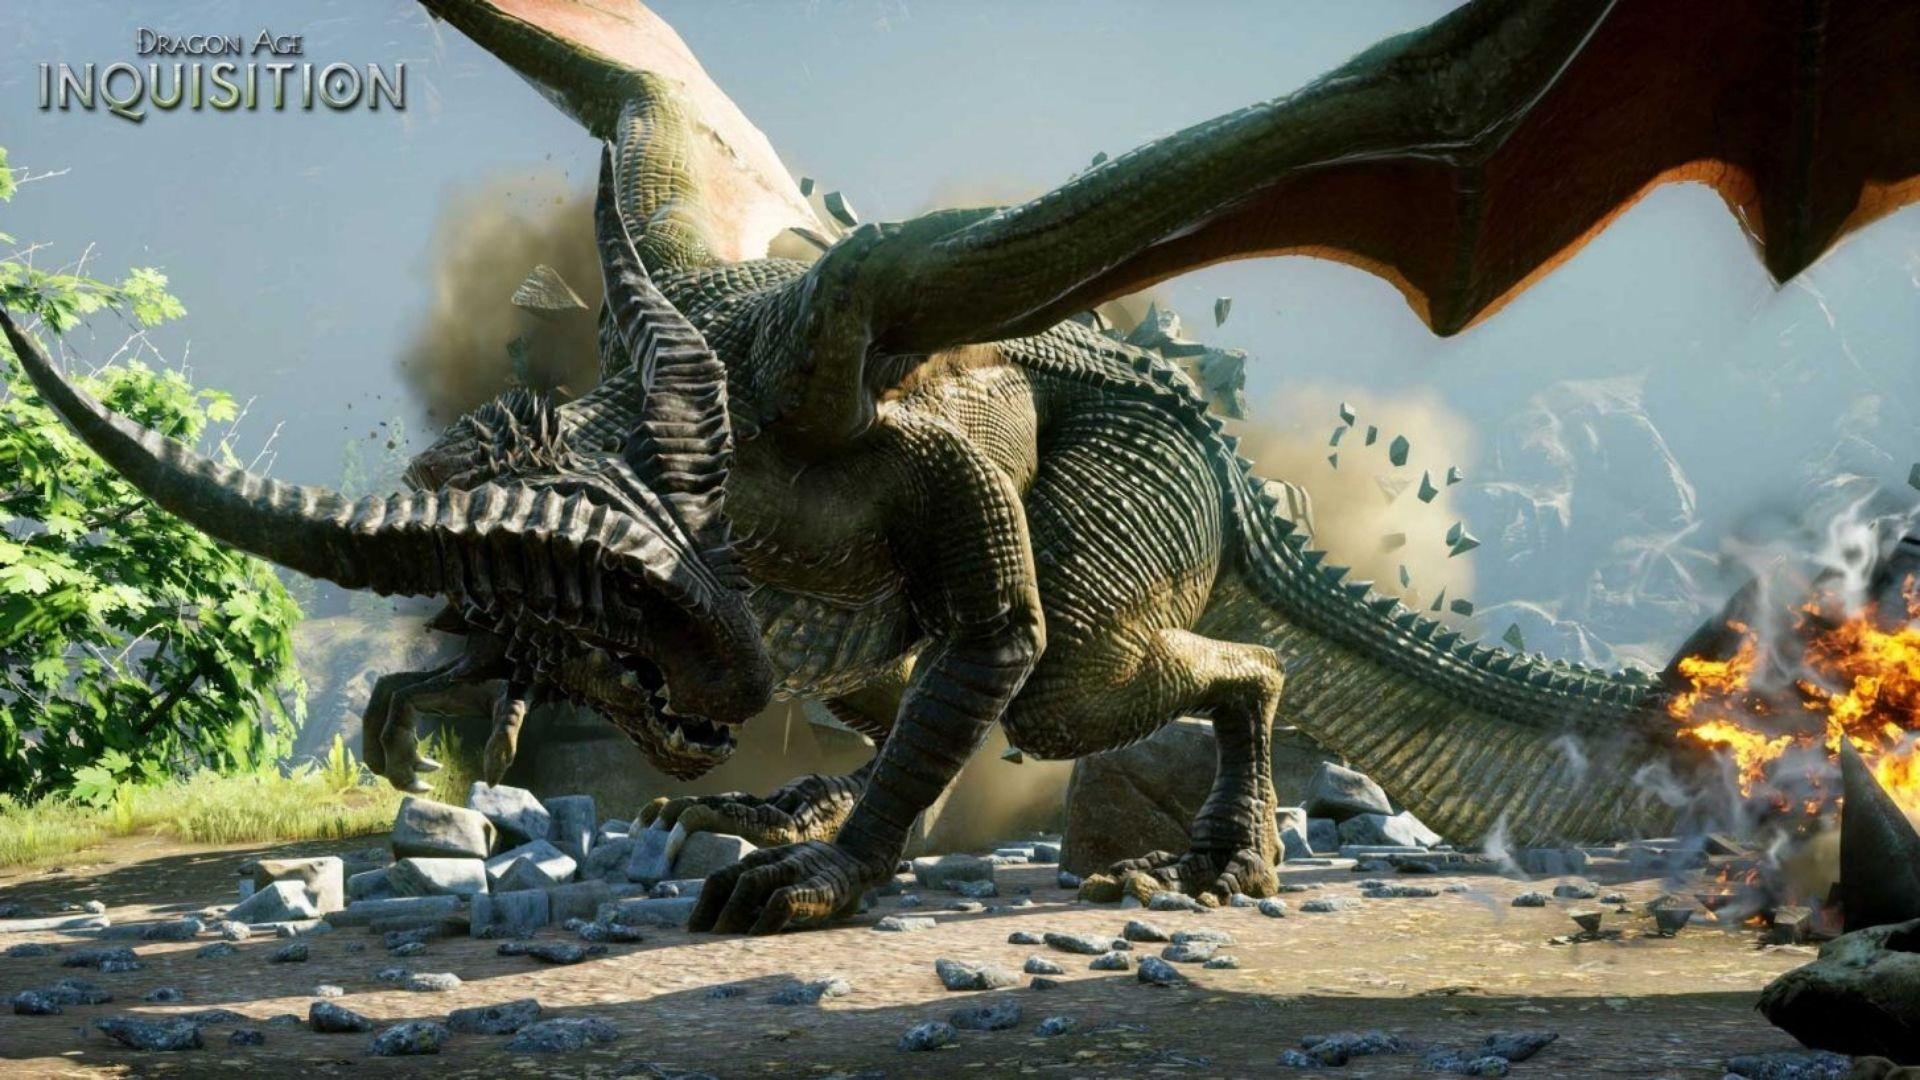 Como o nome deixa claro, Dragon Age também tem... dragões (Fonte: Divulgação / Bioware)